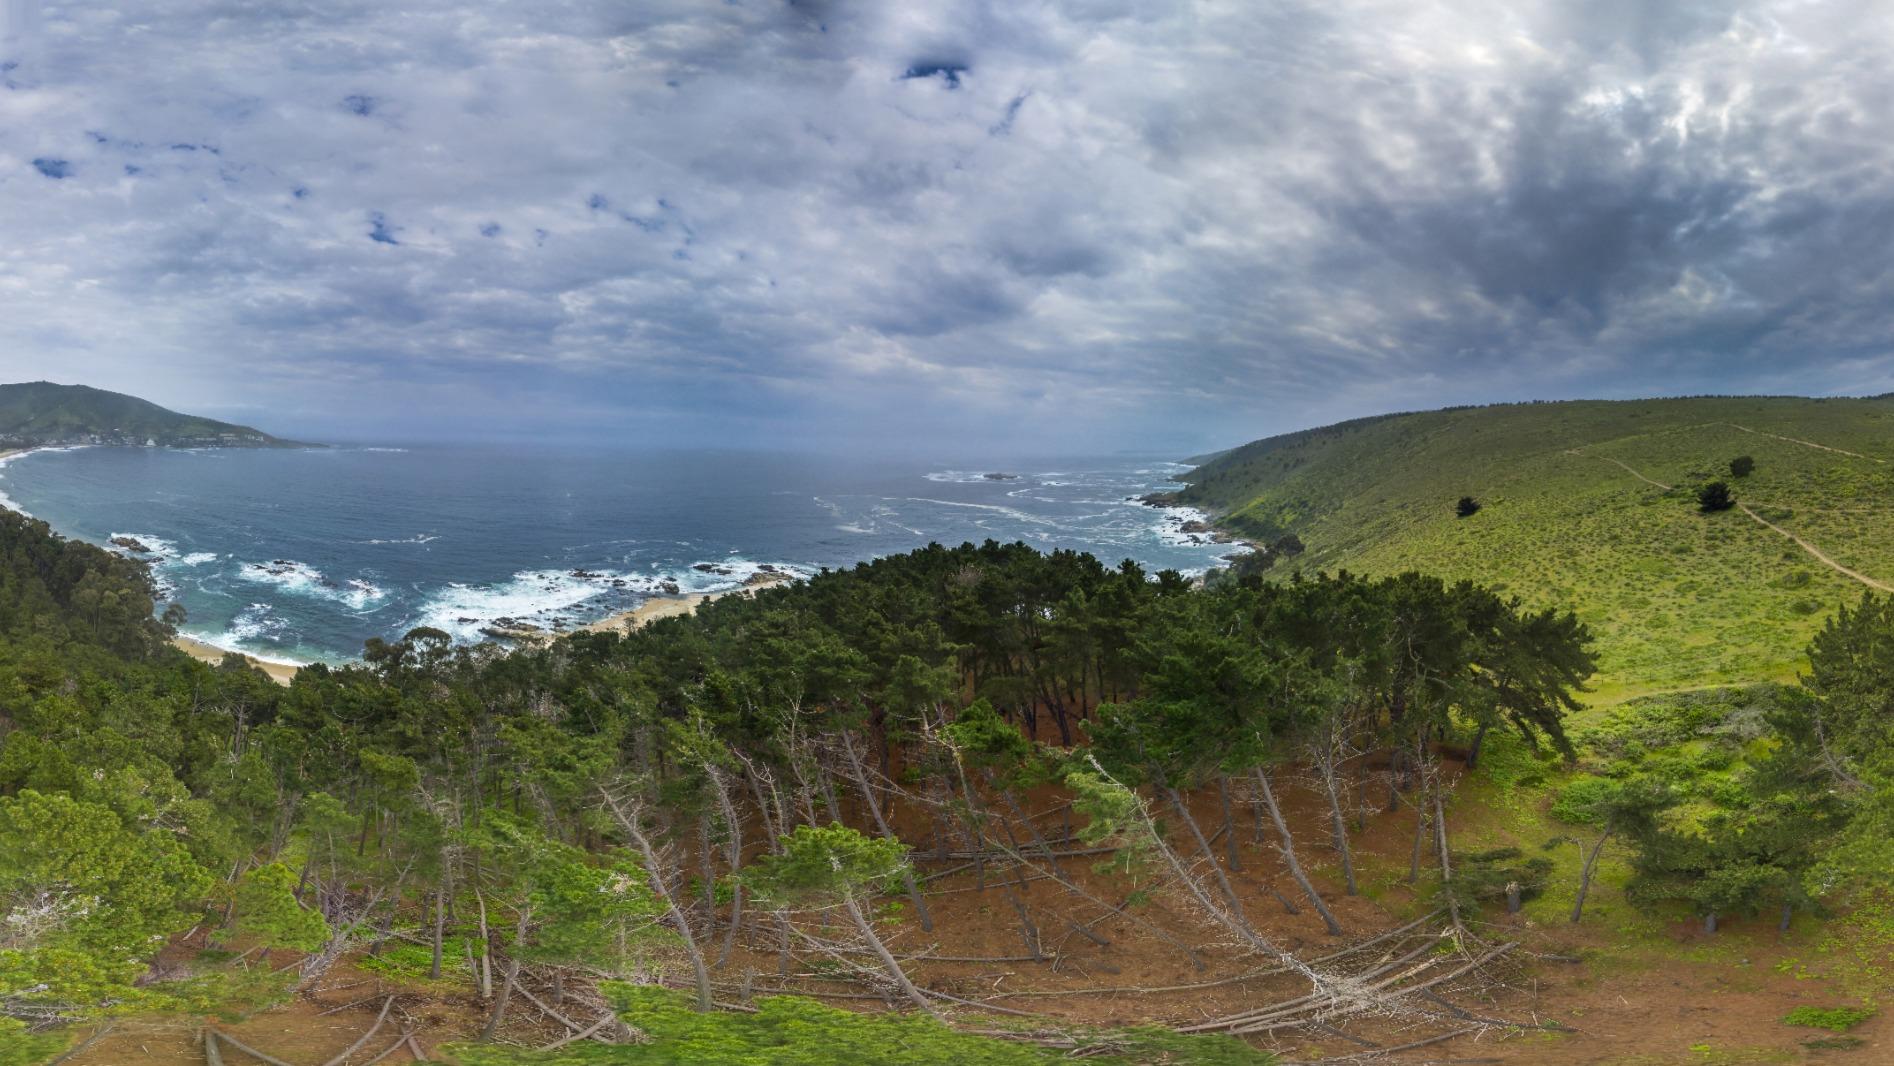 Punta Puyai Papudo